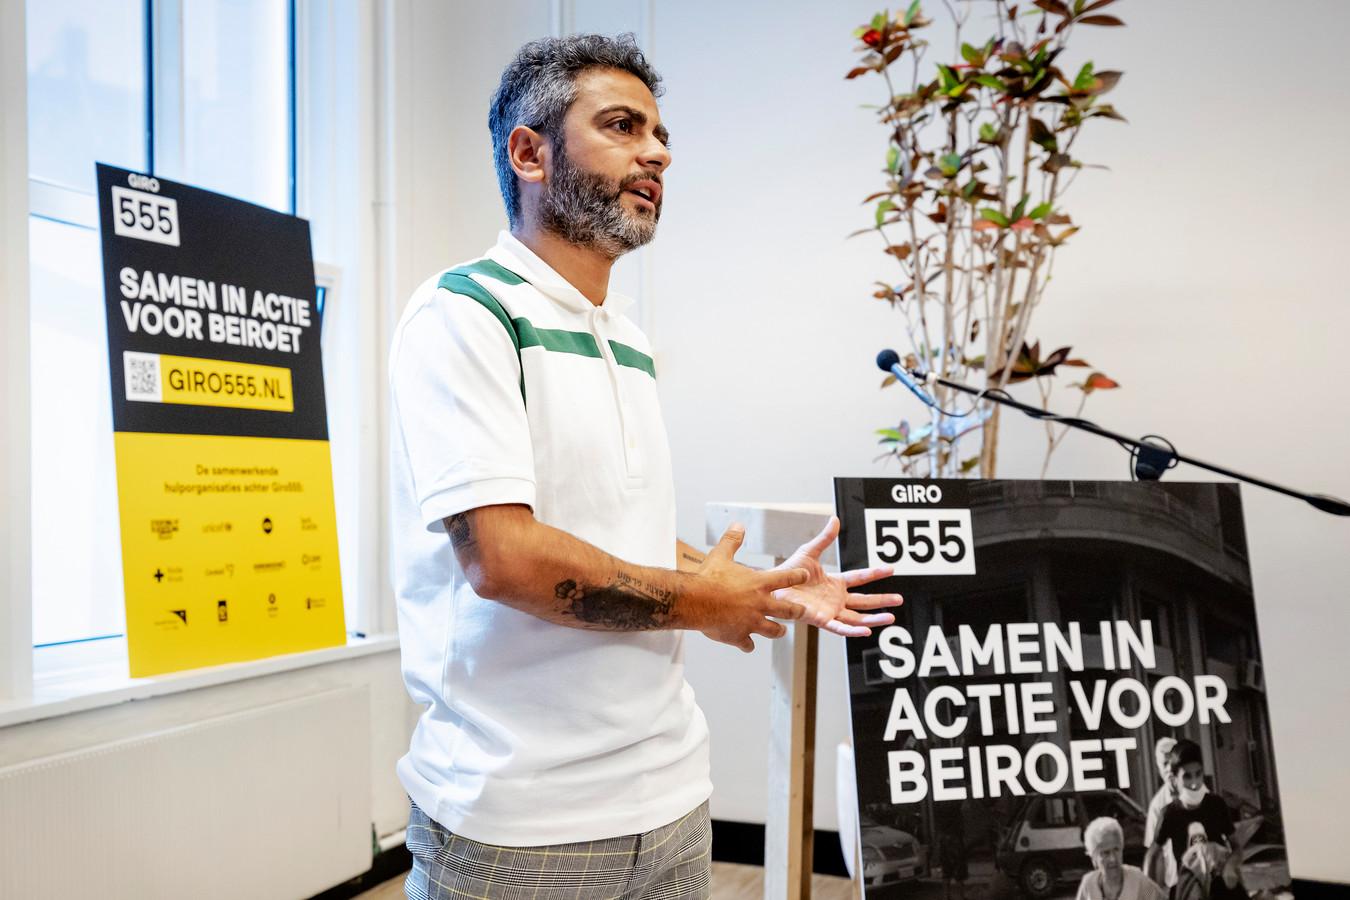 Bekende Nederlanders als Danny Ghosen, Art Rooijakkers, Giel Beelen en Jörgen Raymann doen vrijdag mee aan de nationale actiedag voor de slachtoffers van de explosie in Beiroet.